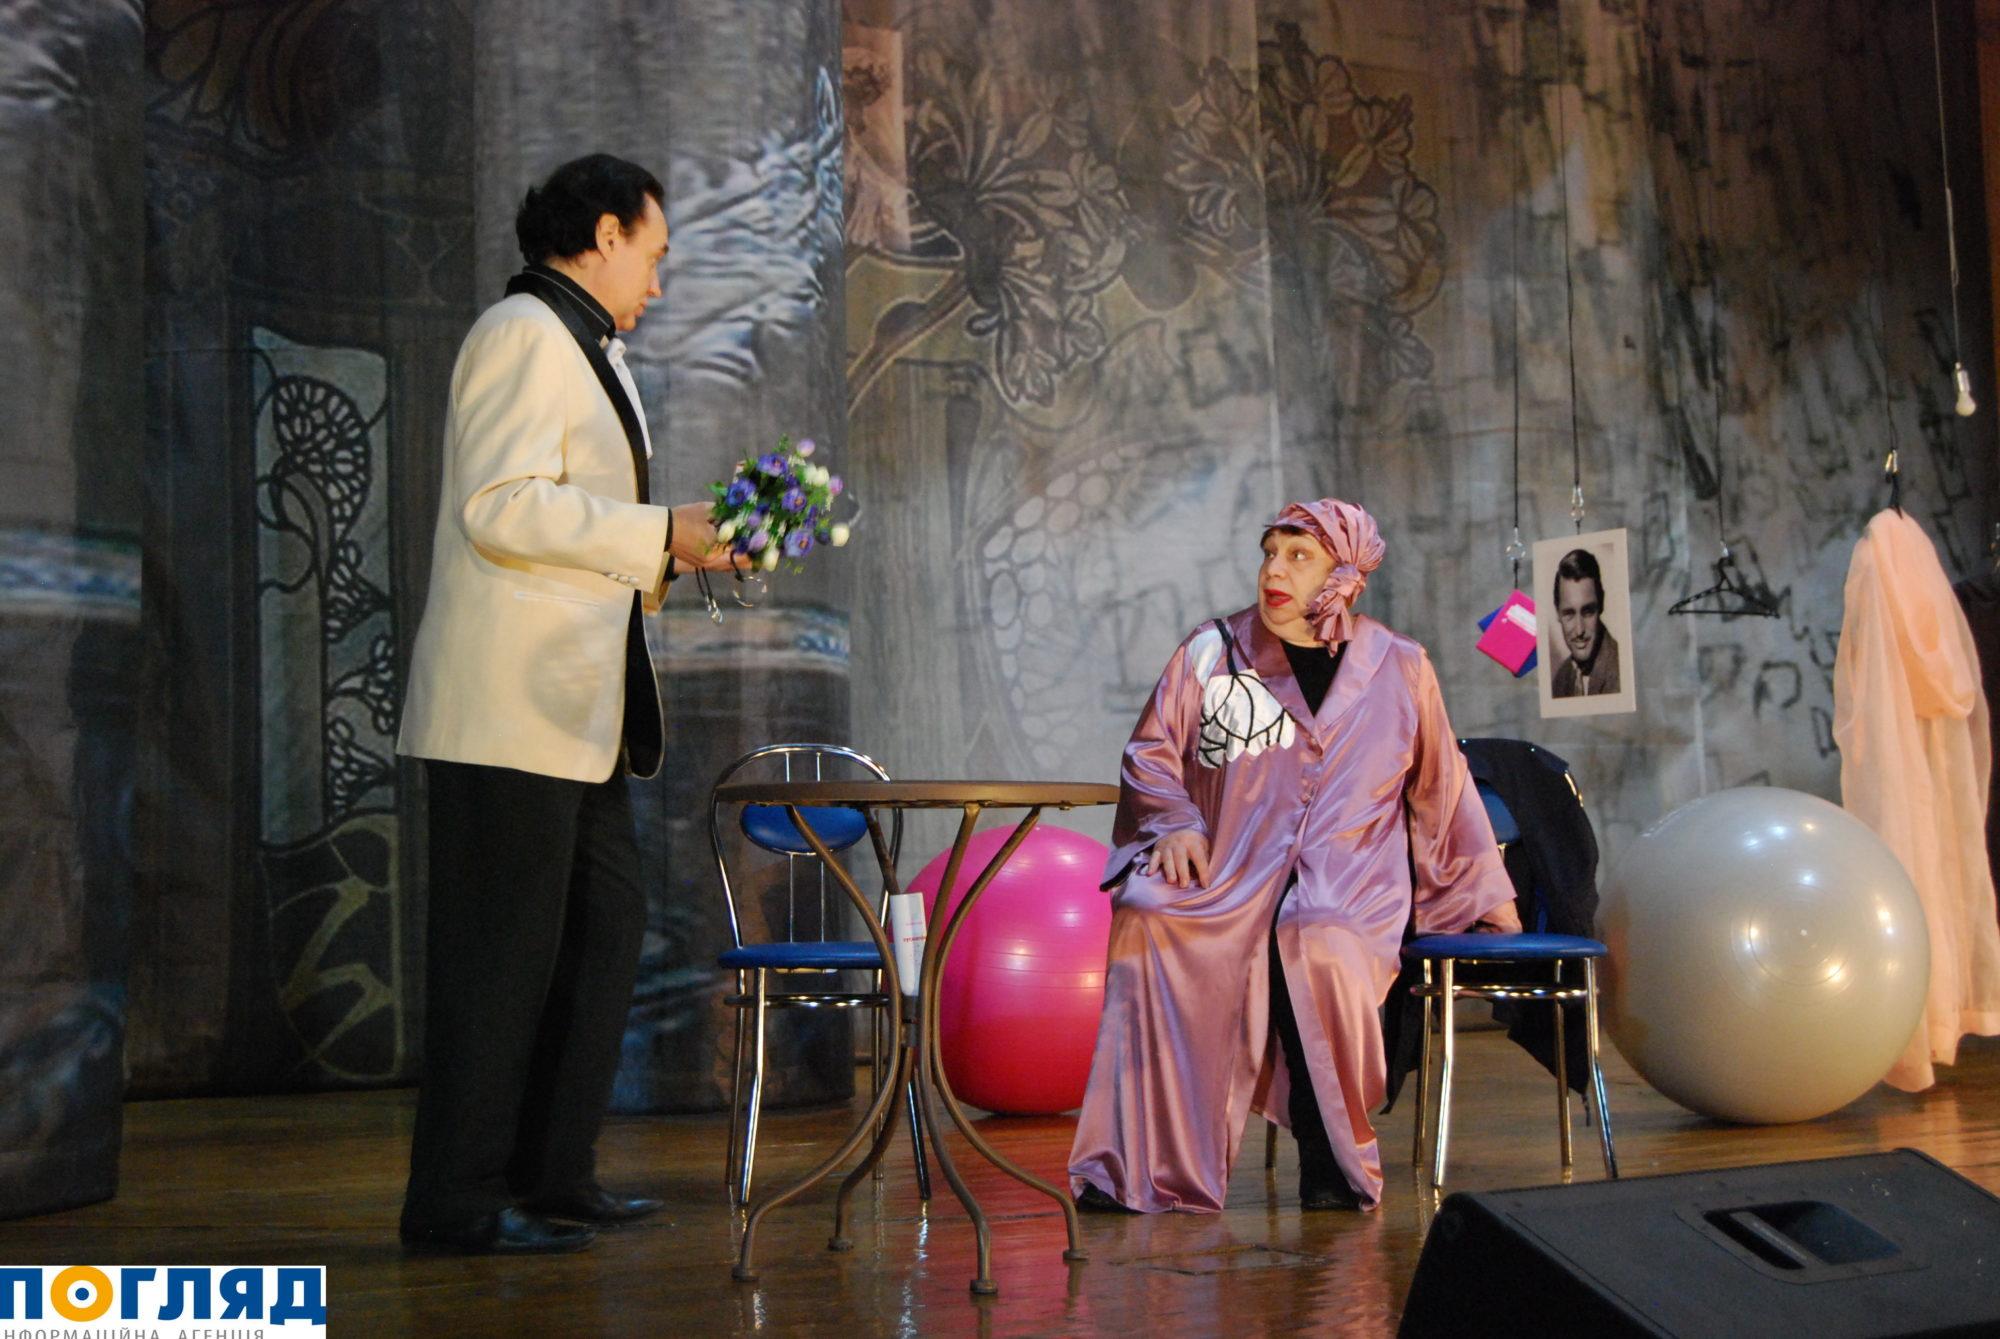 Допрем'єрний показ вистави за участі зірок театру і кіно вперше у Василькові -  - 000DSC 3686 2000x1339